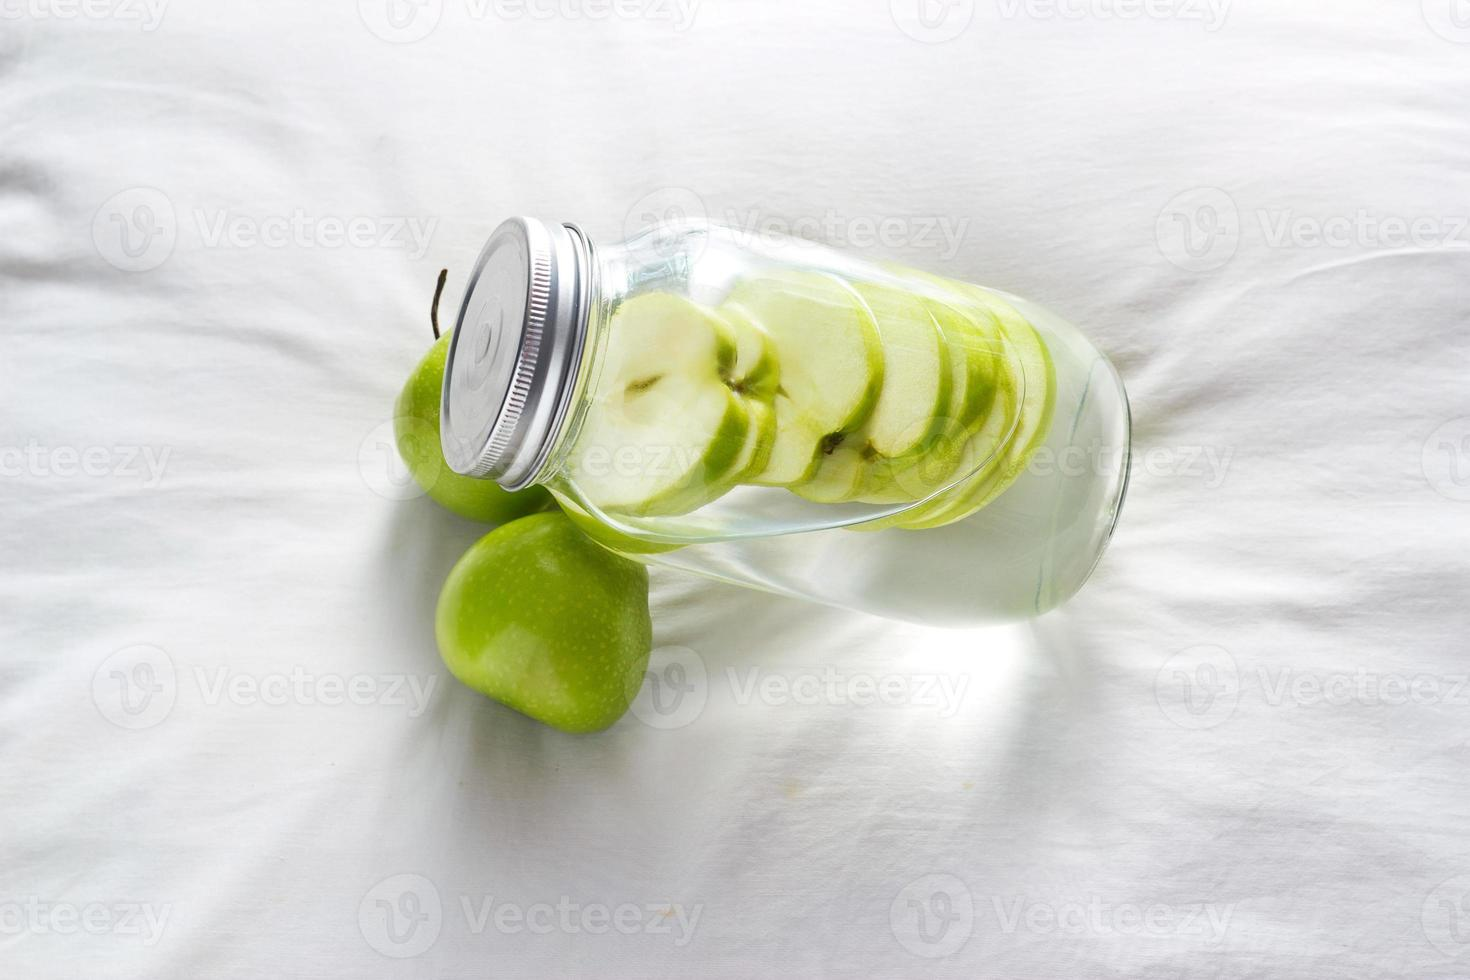 Entgiftungsdiät frische grüne Äpfel in Wasser des Glases einweichen foto